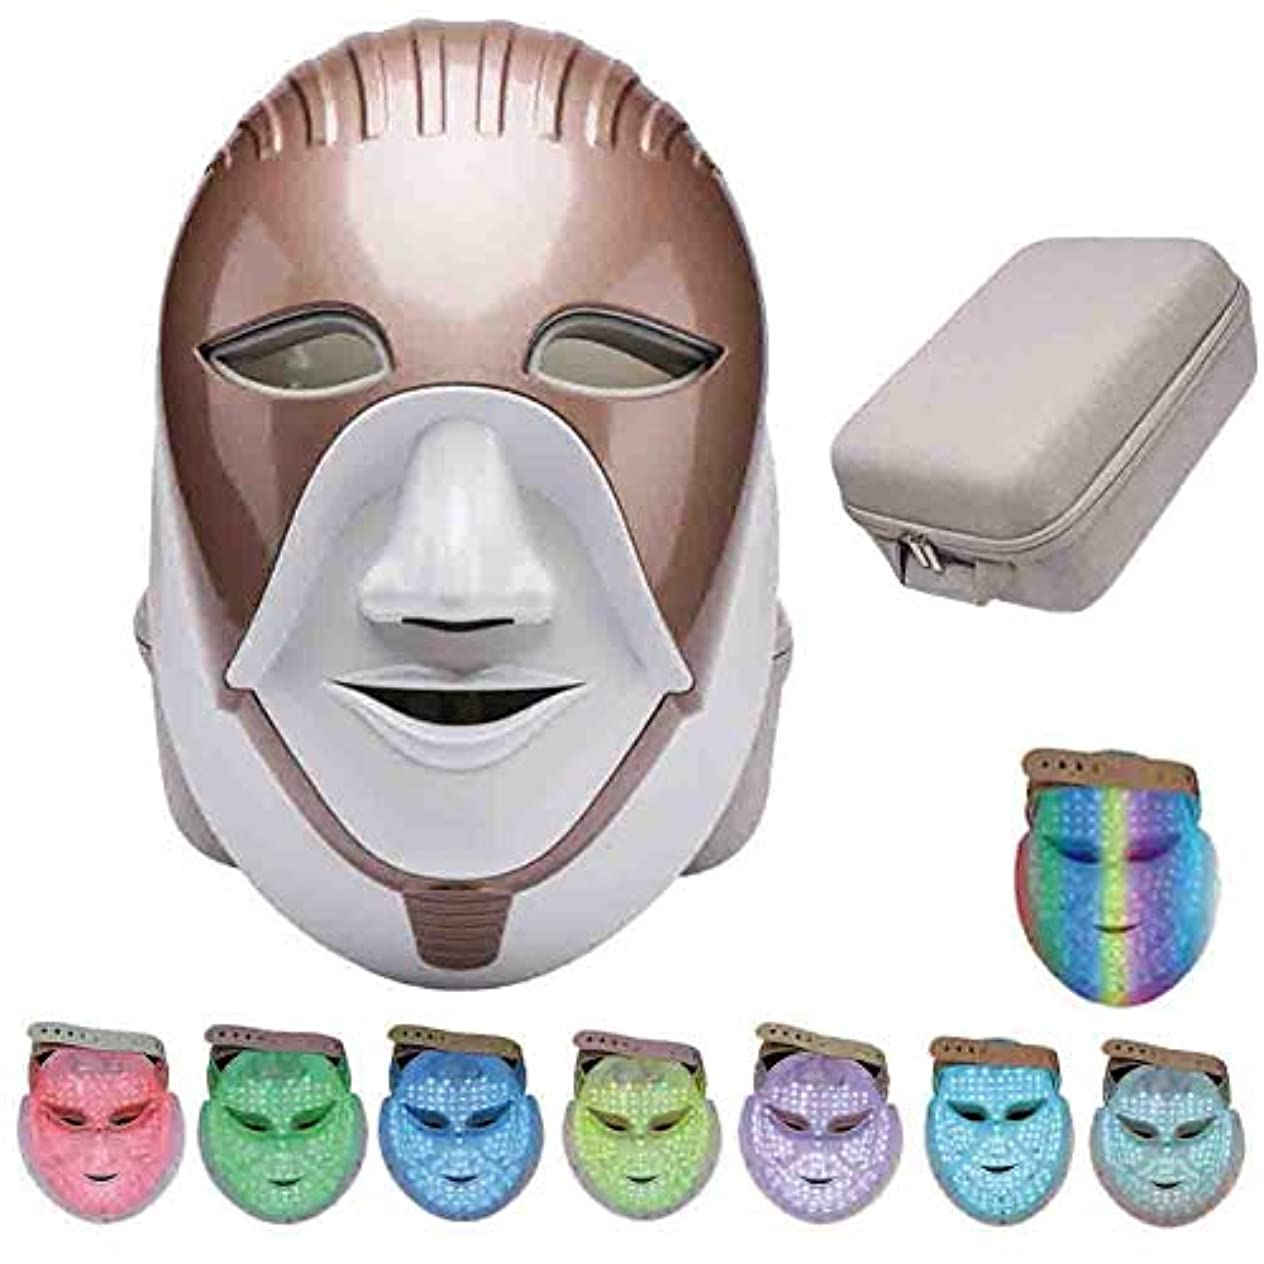 紳士彼は郊外ライトセラピーは、アンチエイジング肌の若返りフェイシャル?スキンケアマスクホワイトニング美容LED 7色光子しわ除去マスク